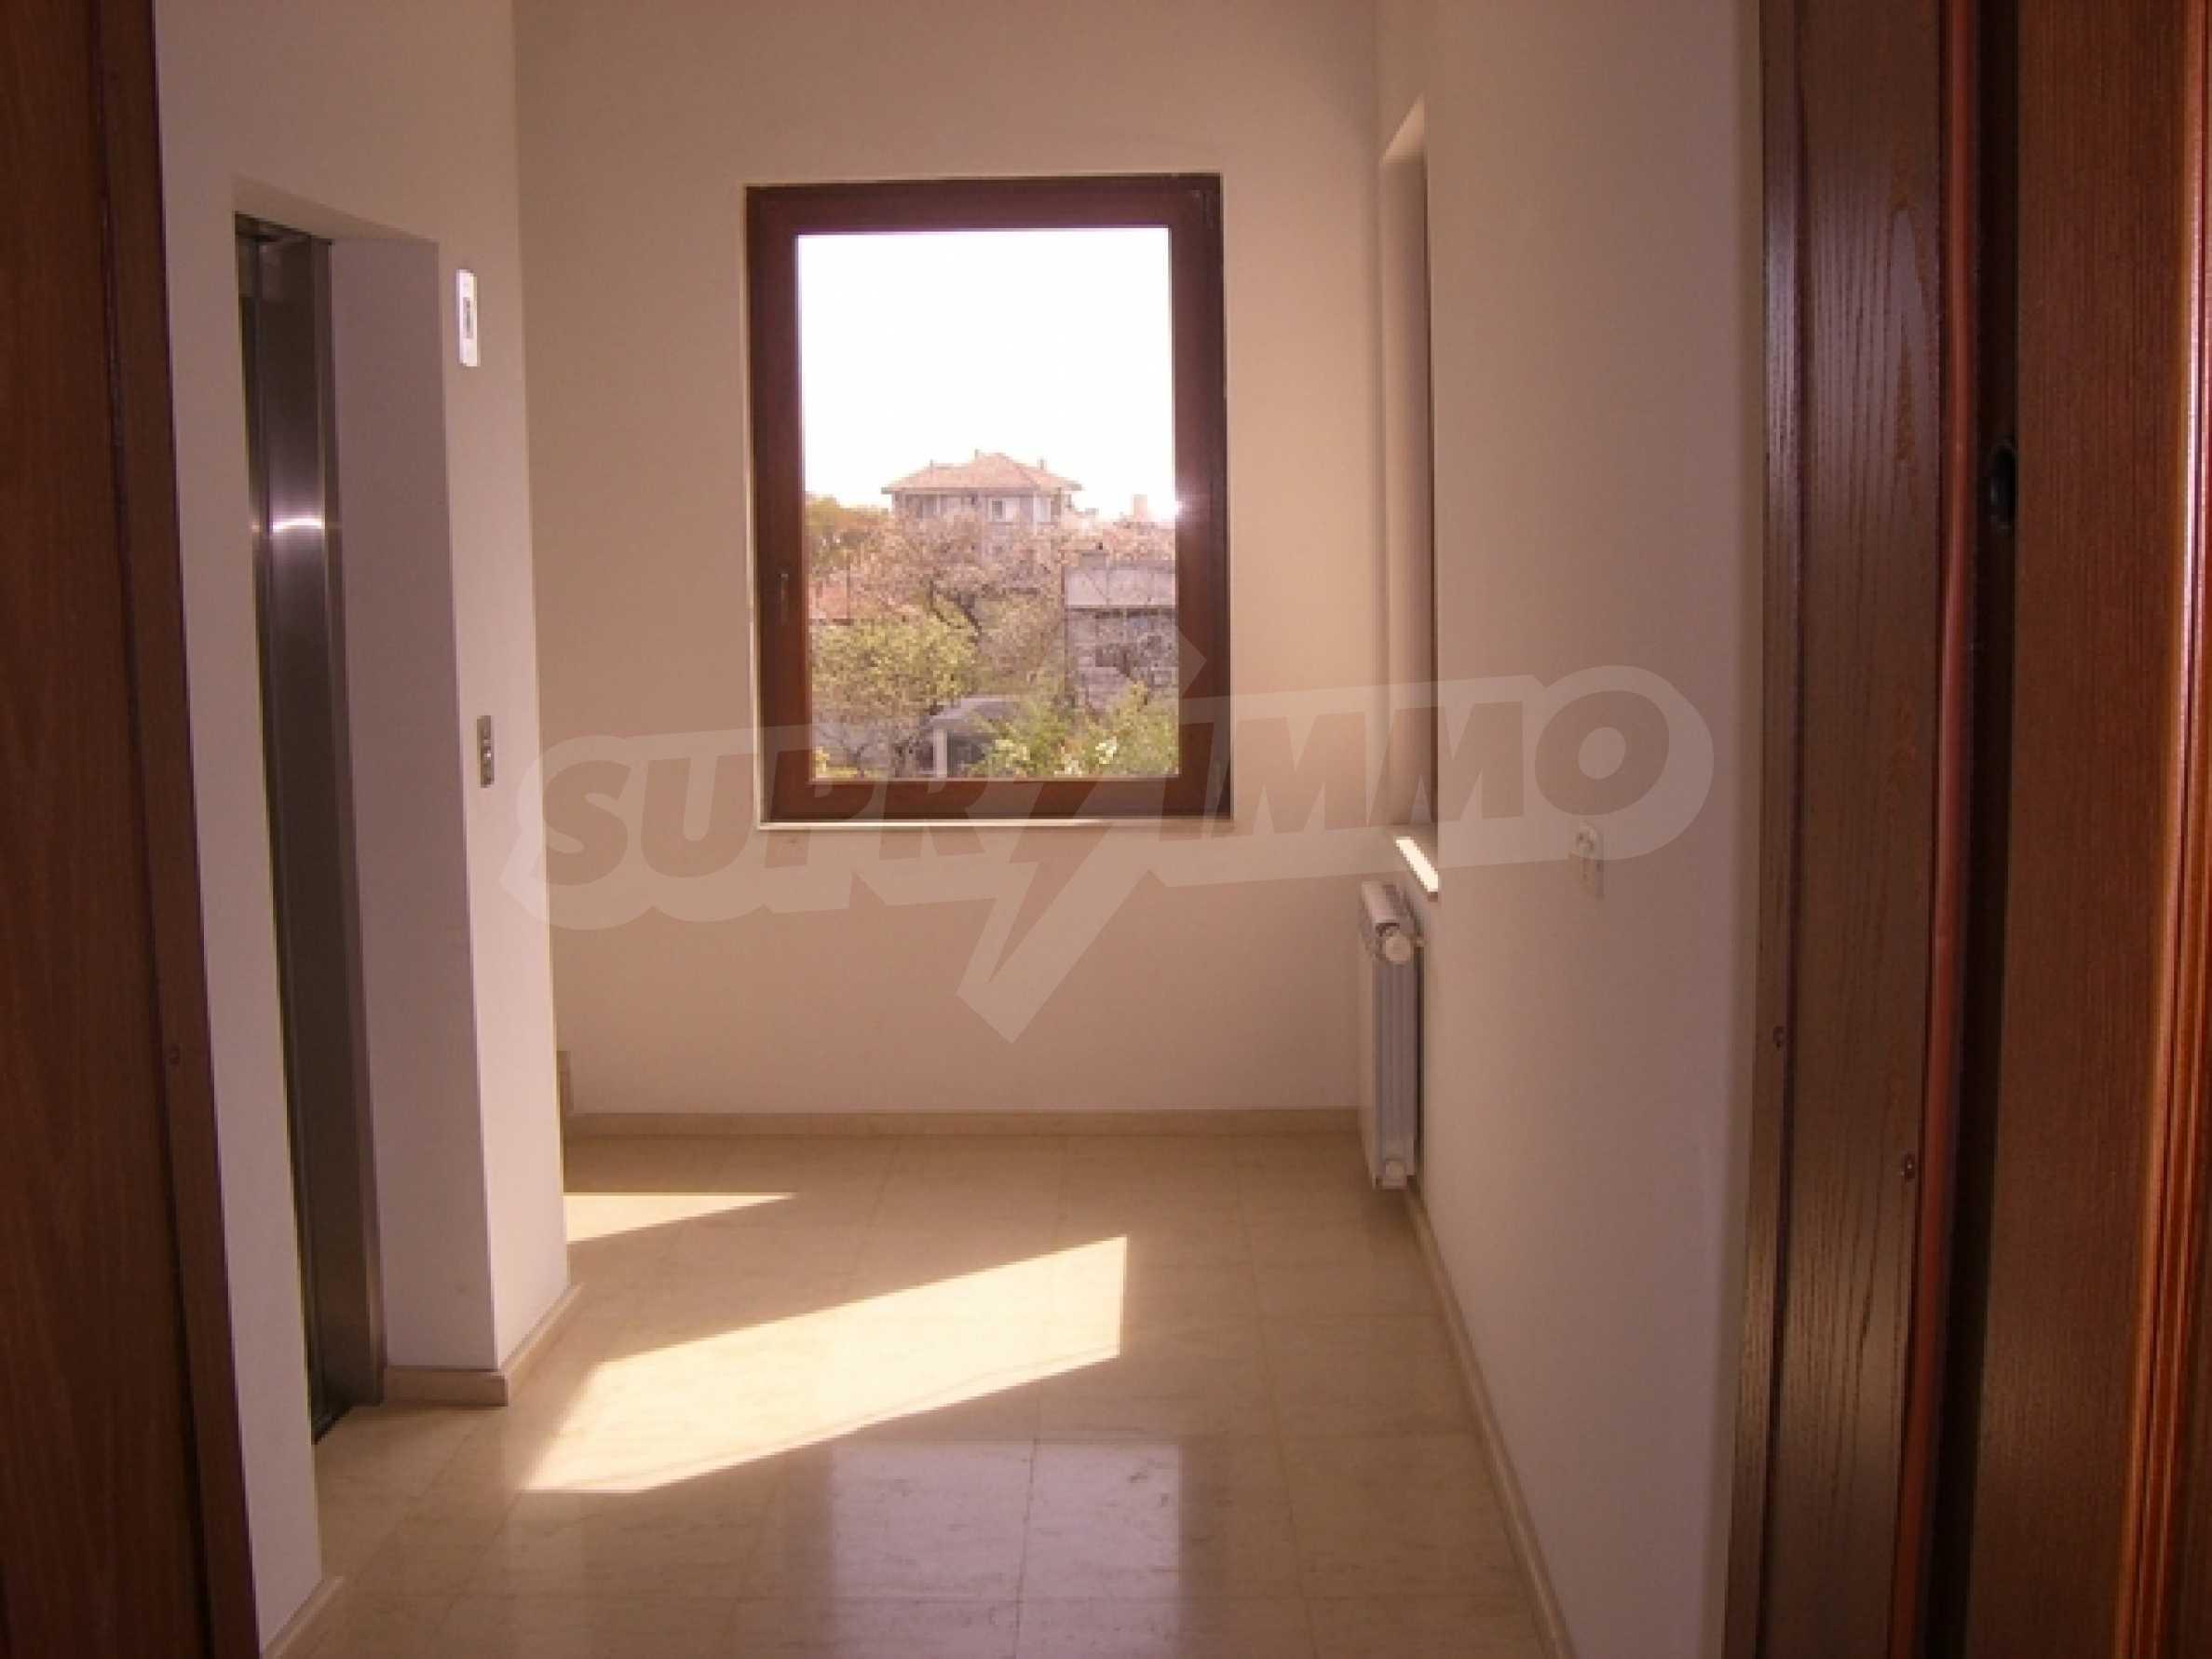 Residenz bulgarischen Traumhaus 37